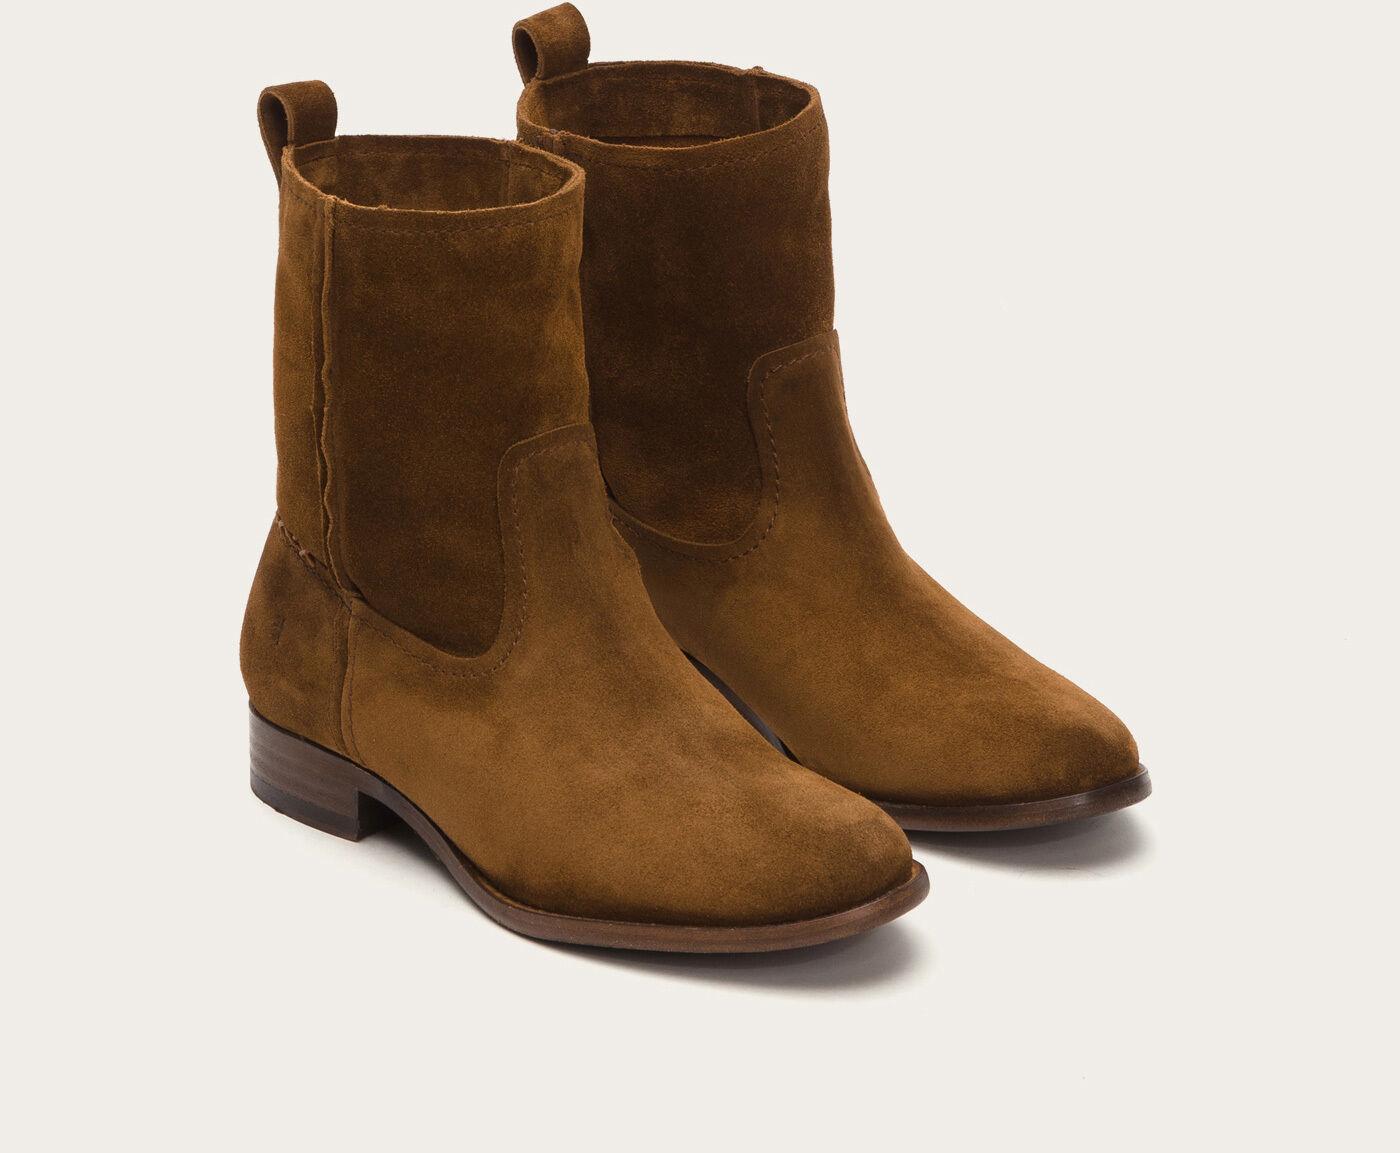 FRYE LADIES CARA SHORT BOOTS IN WOOD 78321